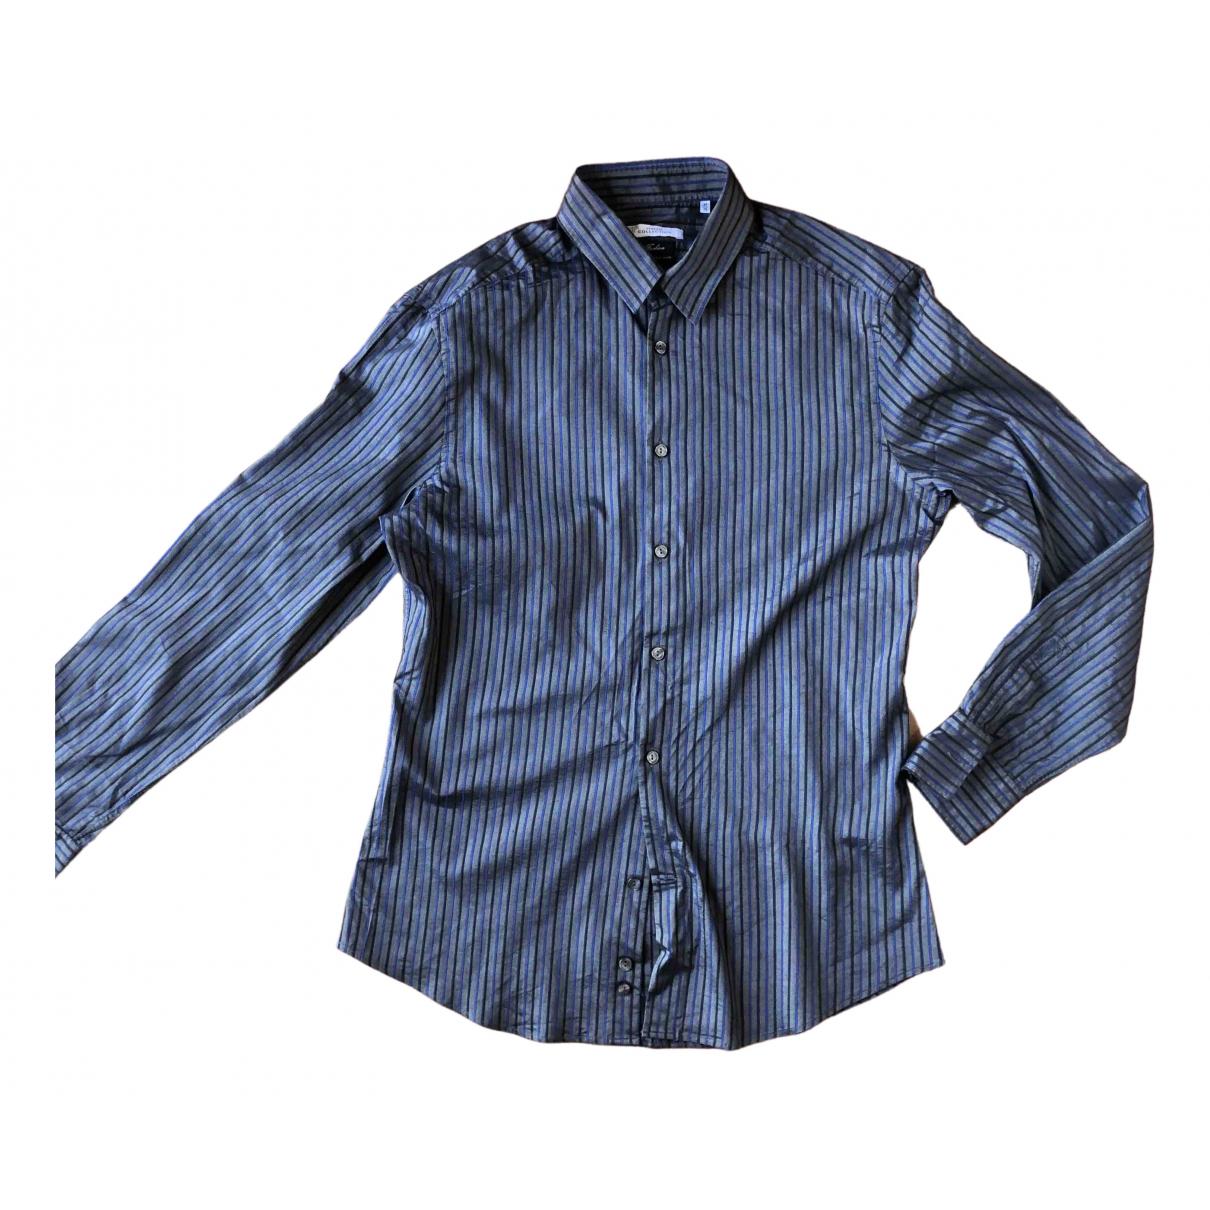 Versace - Chemises   pour homme - gris